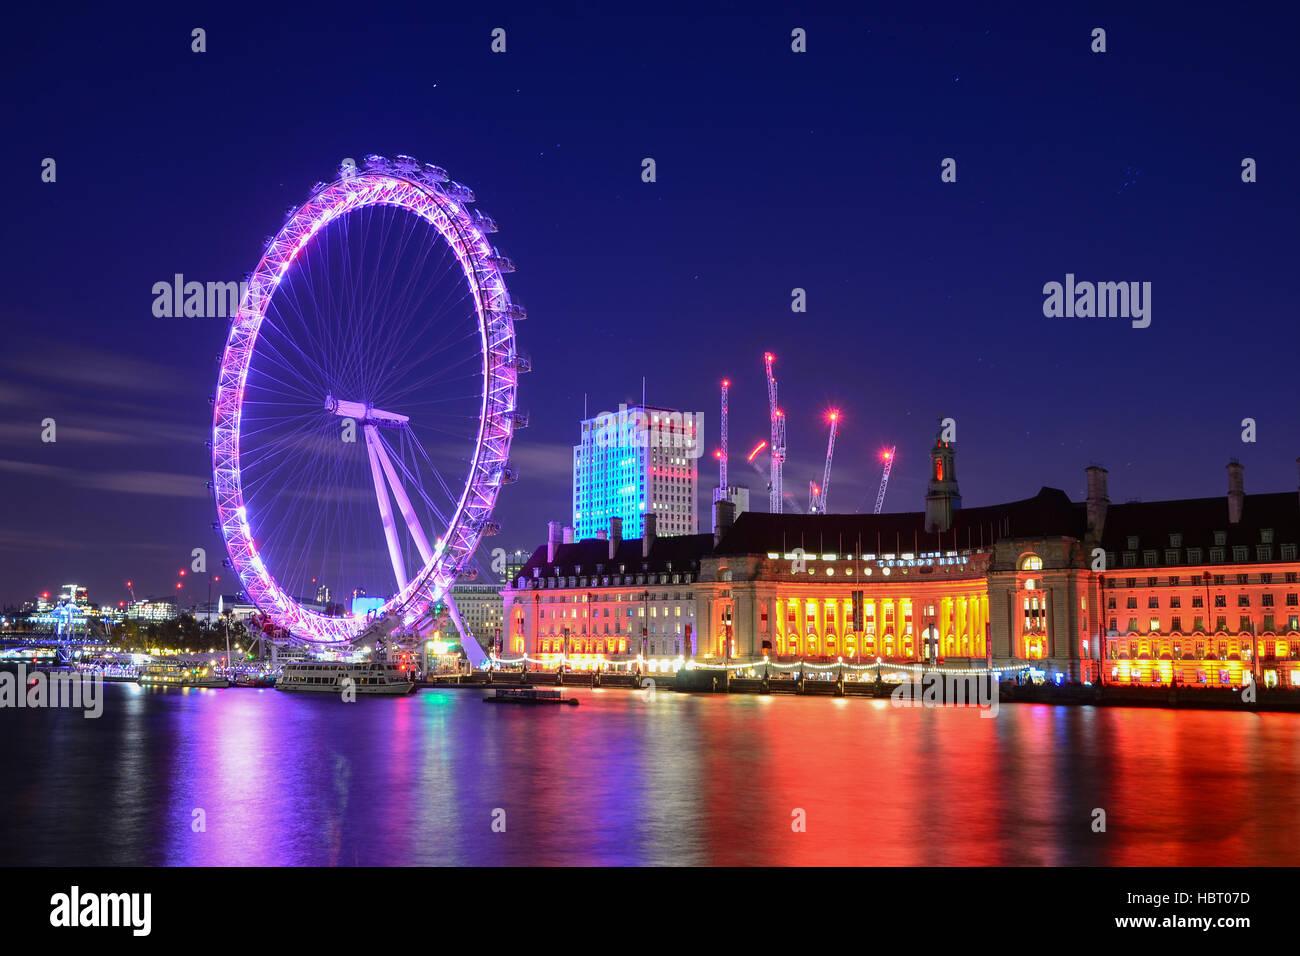 London Eye, London, United Kingdom - Stock Image